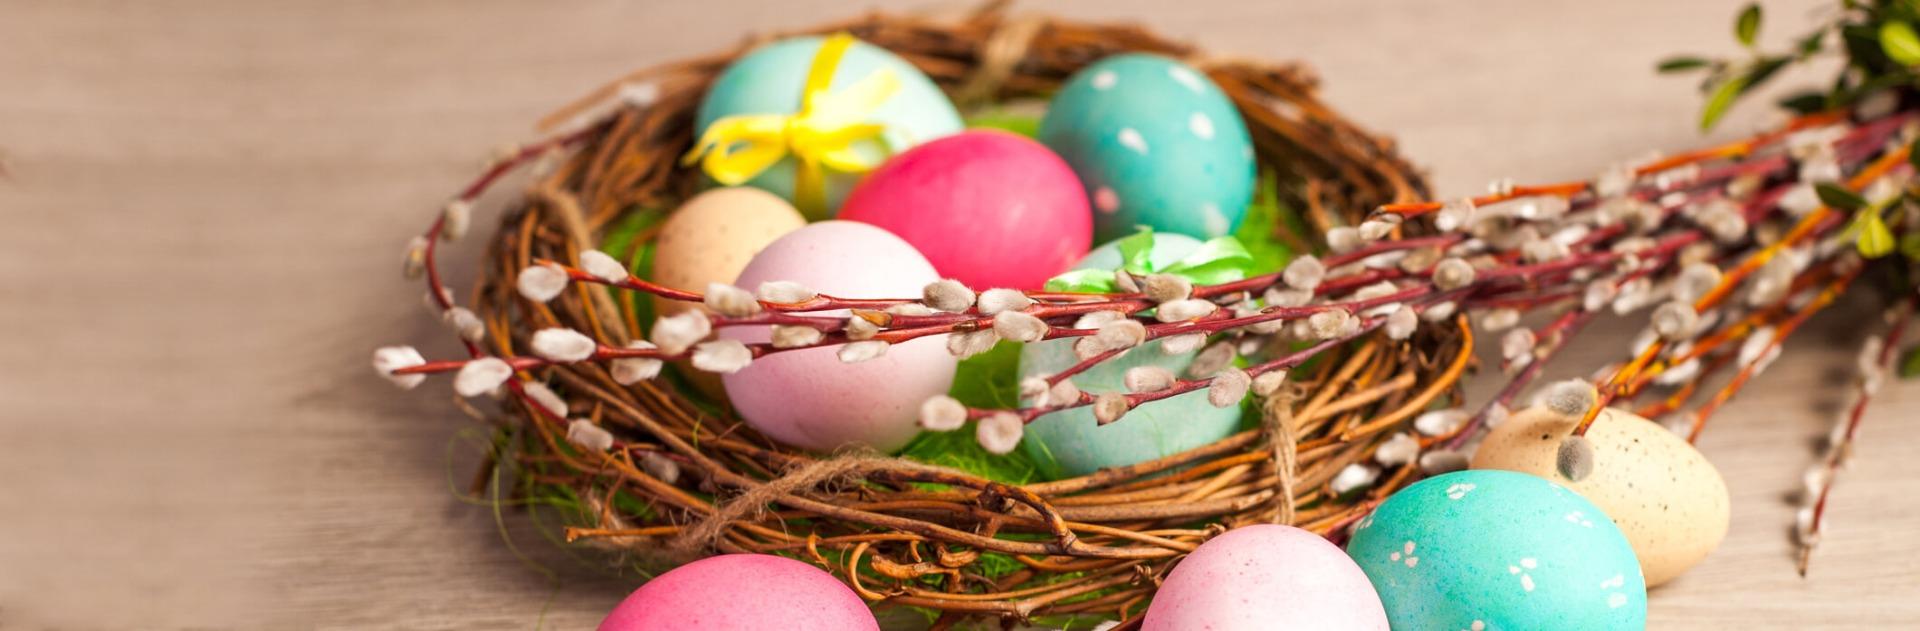 Easter Gift Baskets East Hampton